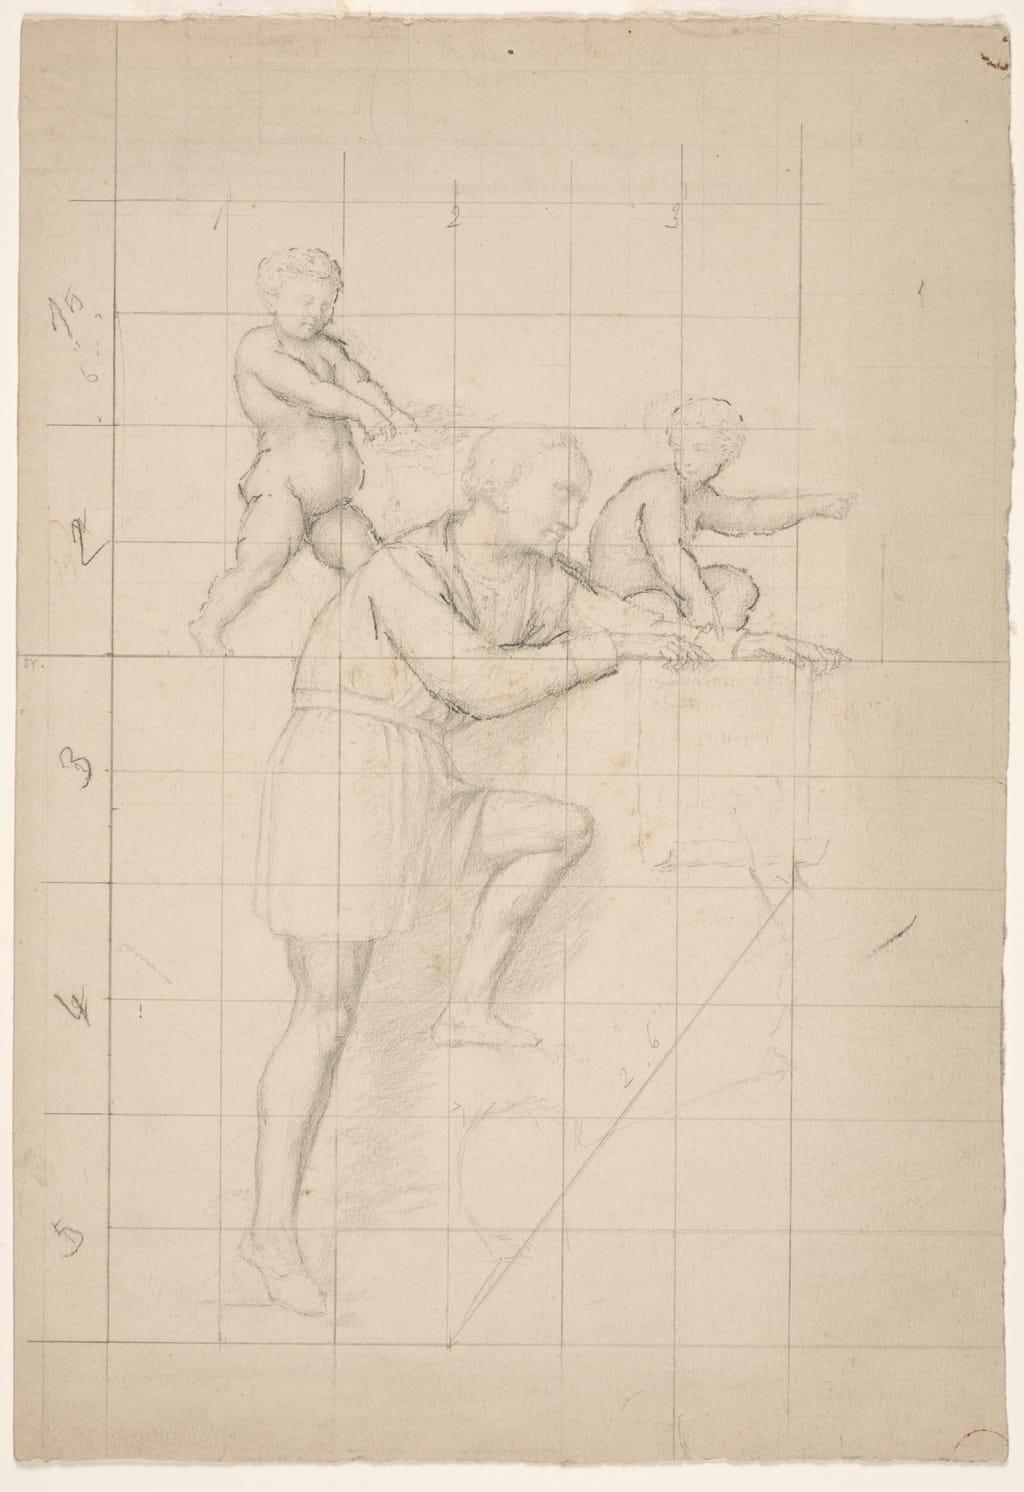 Americ Vespuce accompagné de deux génies. Étude mise au carreau pour « L'Apothéose de Christophe Colomb »